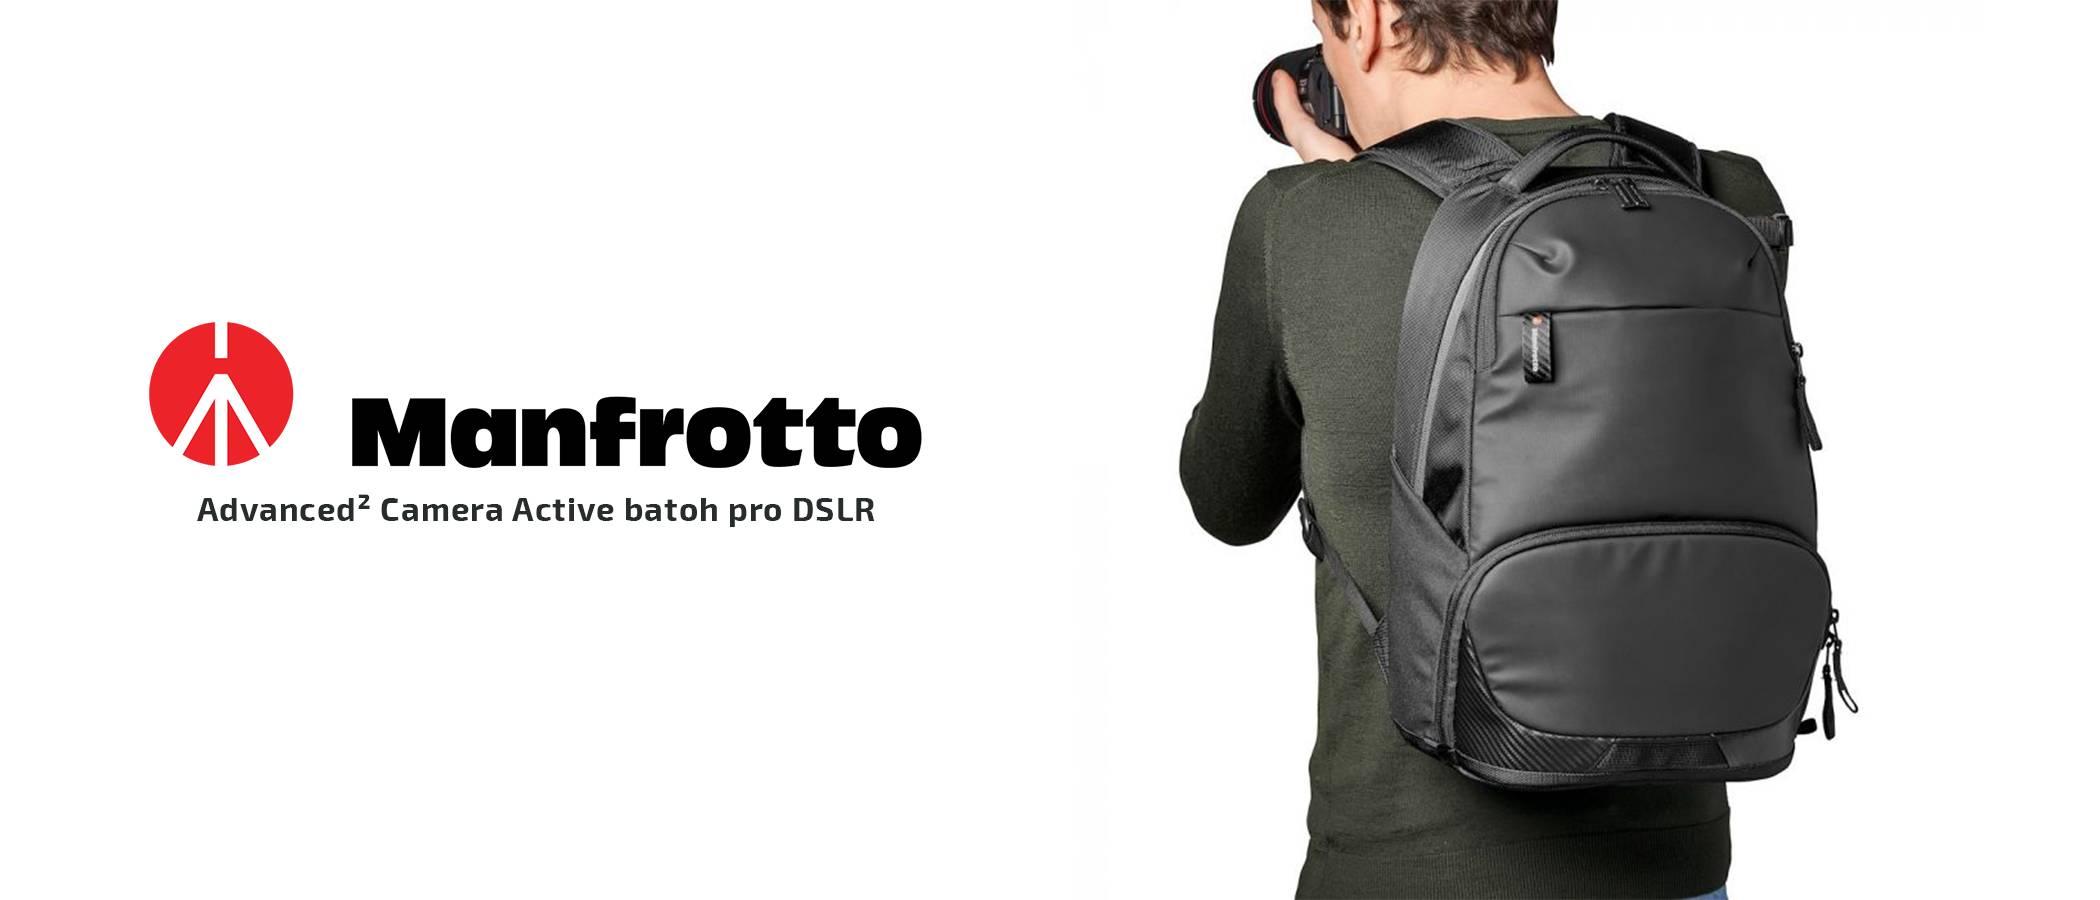 film-technika-manfrotto-advanced2-batoh-active